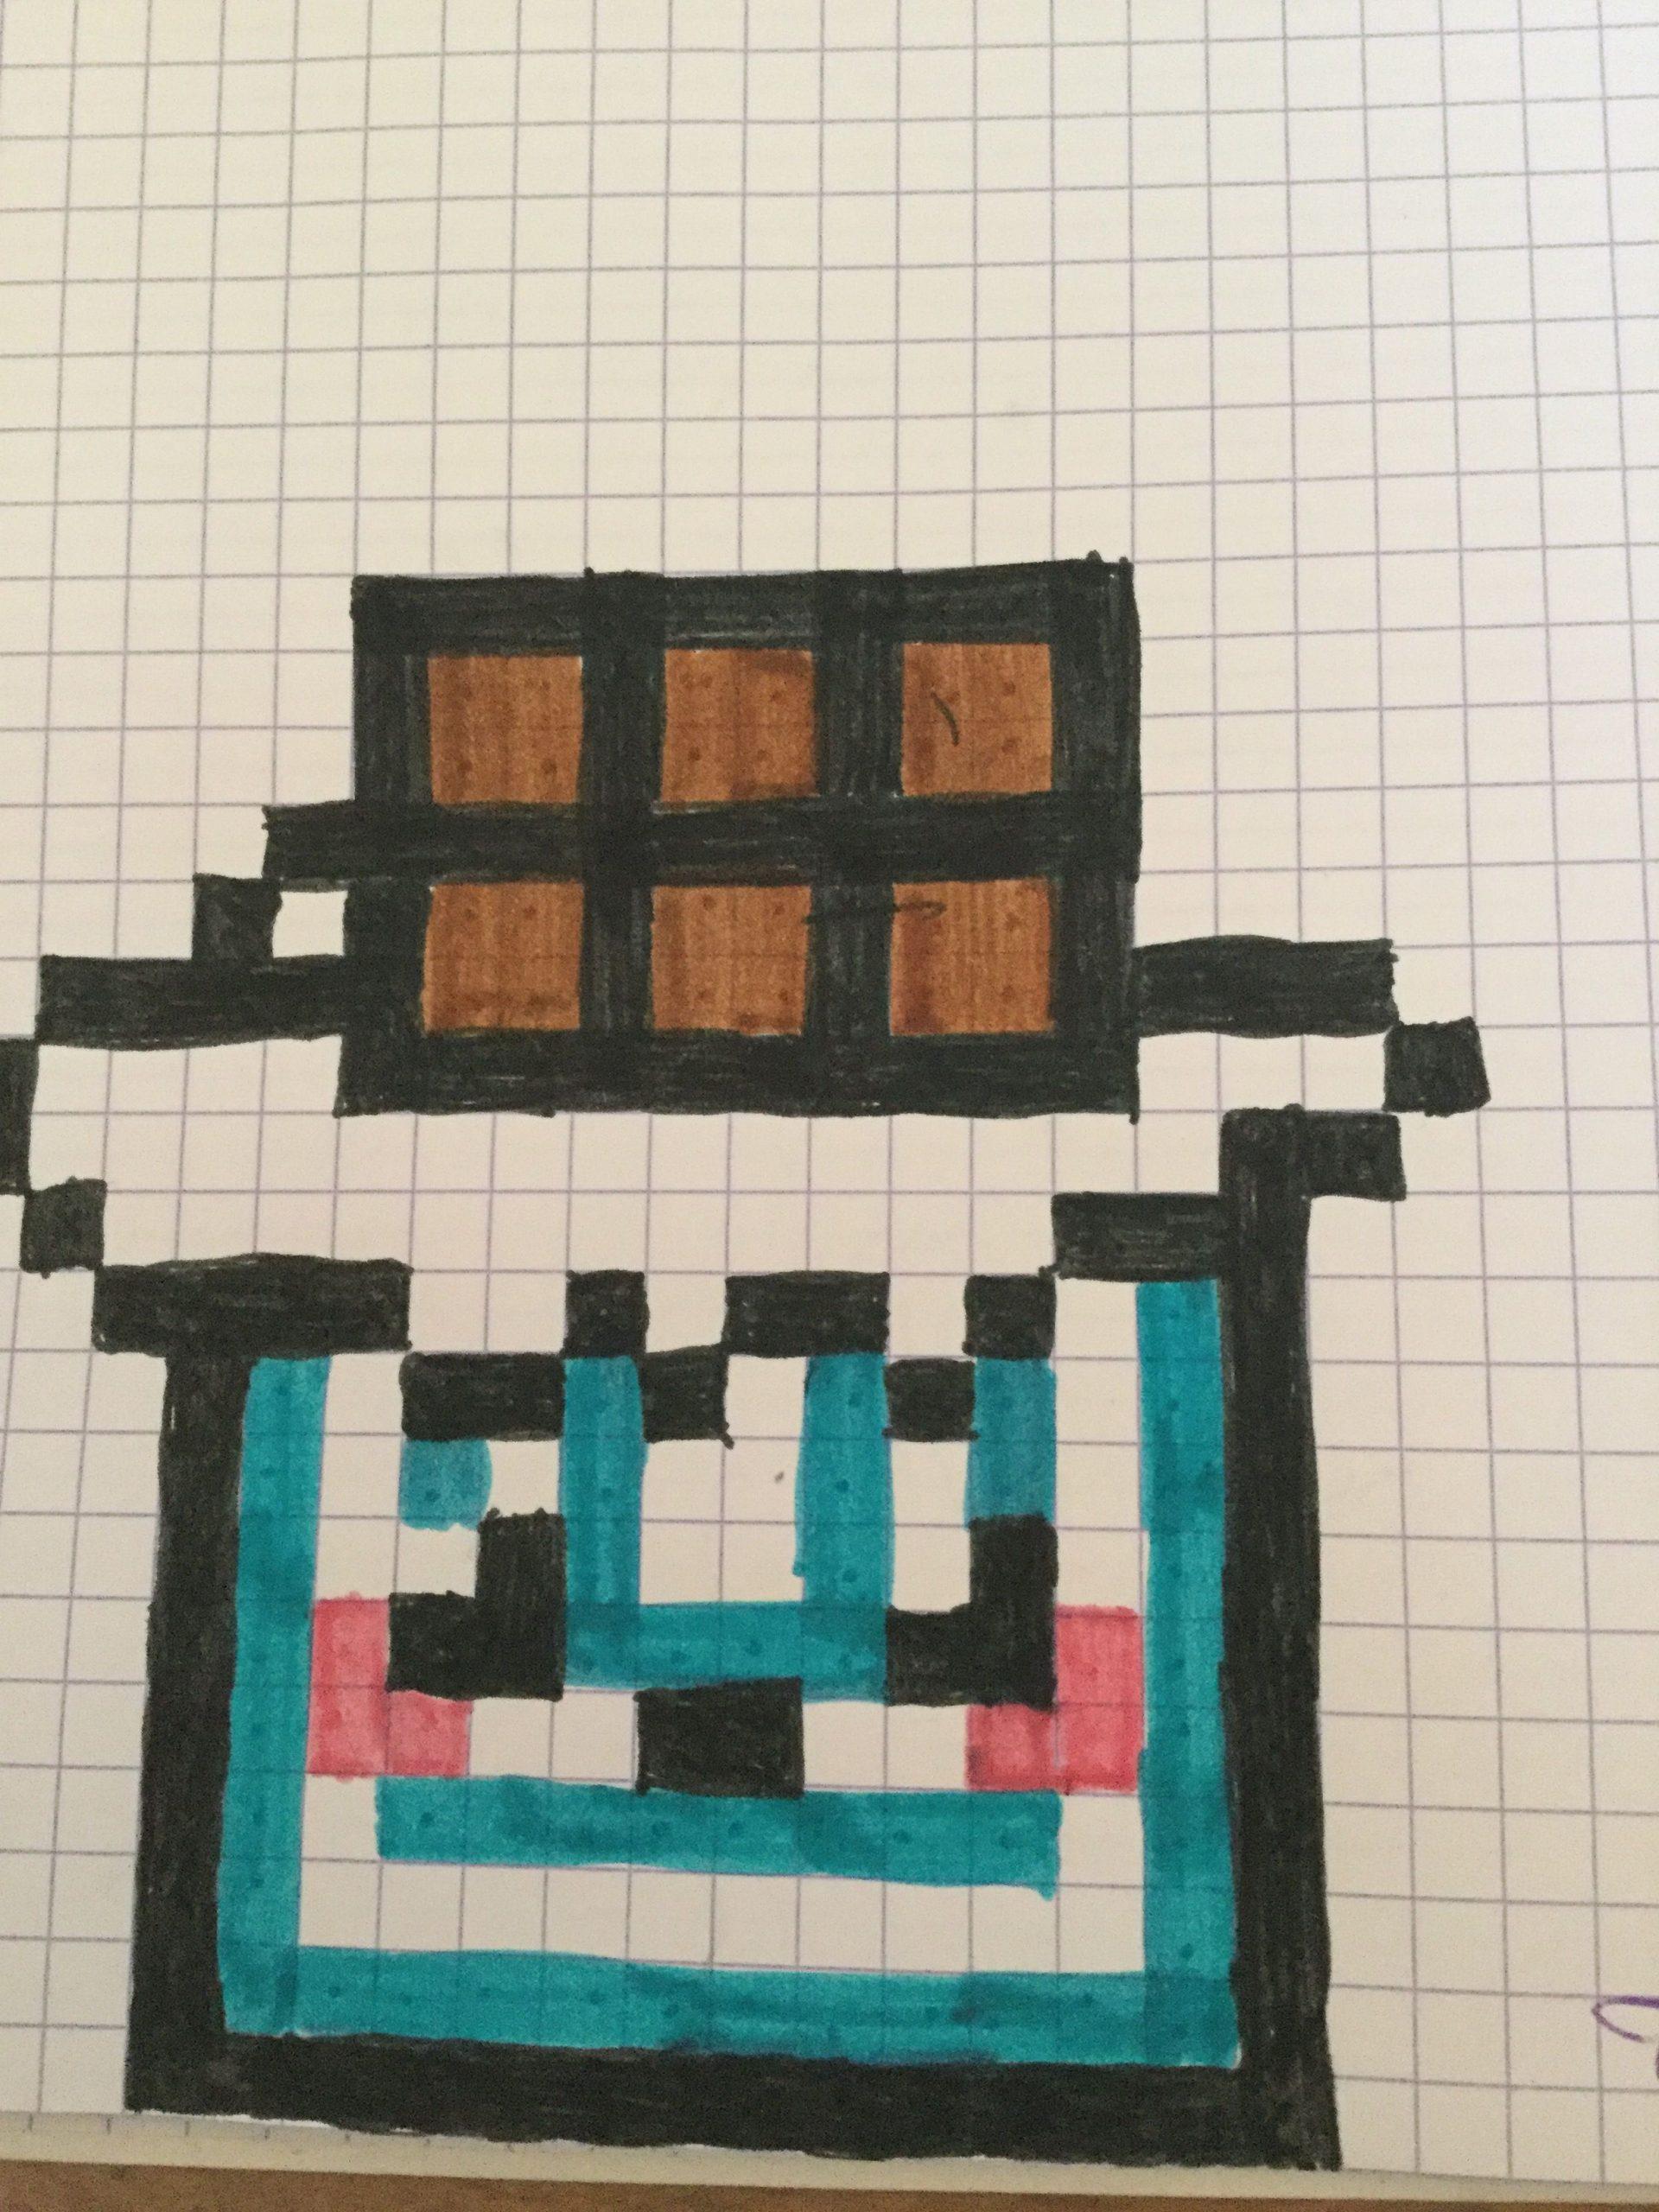 Tablette De Chocolat (Avec Images) | Pixel Art, Dessin Pixel concernant Tablette Chocolat Dessin